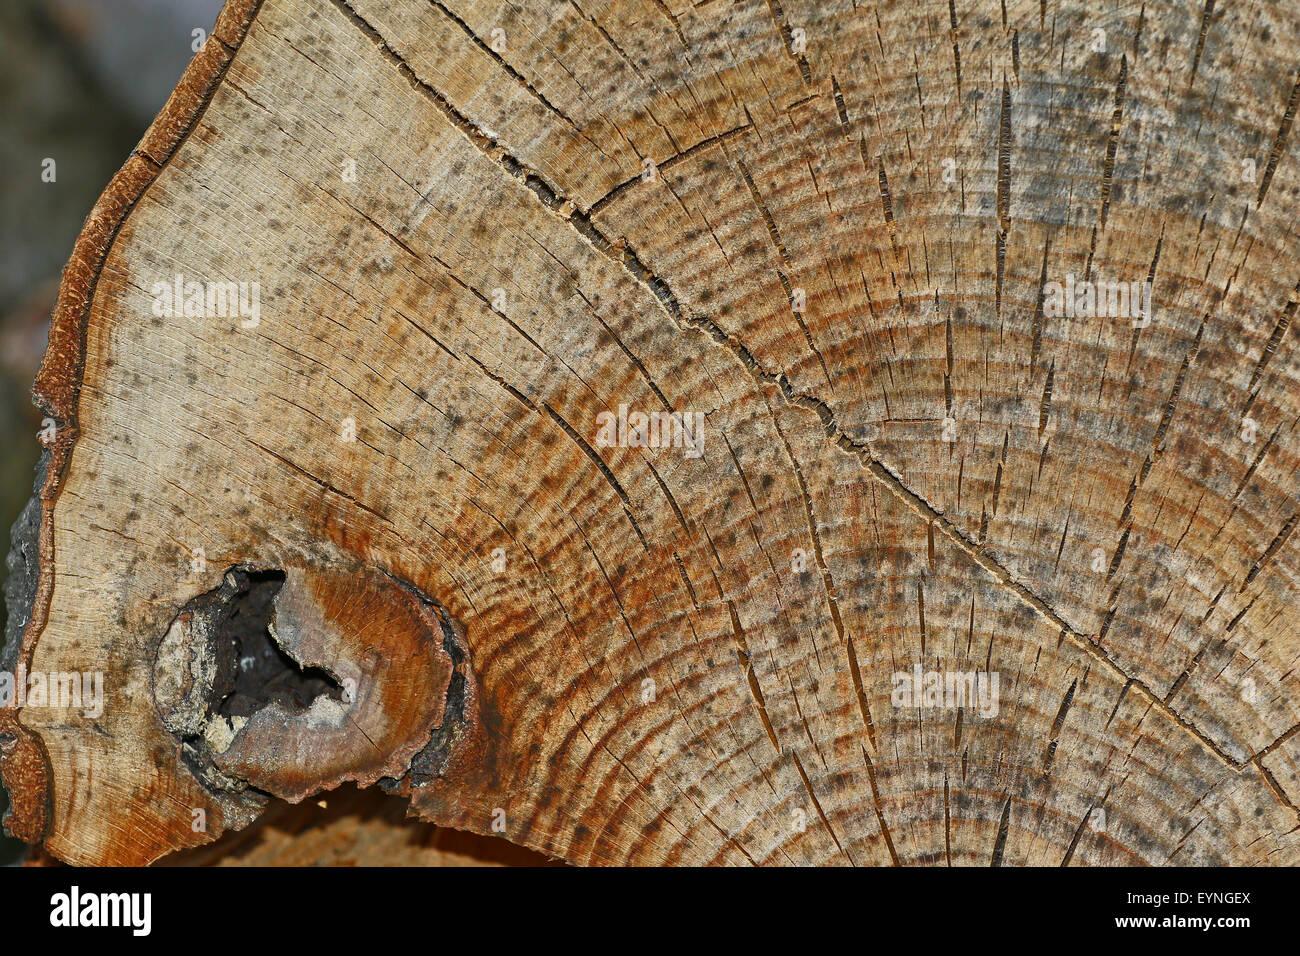 Un unico vecchio, weathered sezione di legno con anelli incrinato e sorprendente texture dettagliate per gli sfondi. Immagini Stock